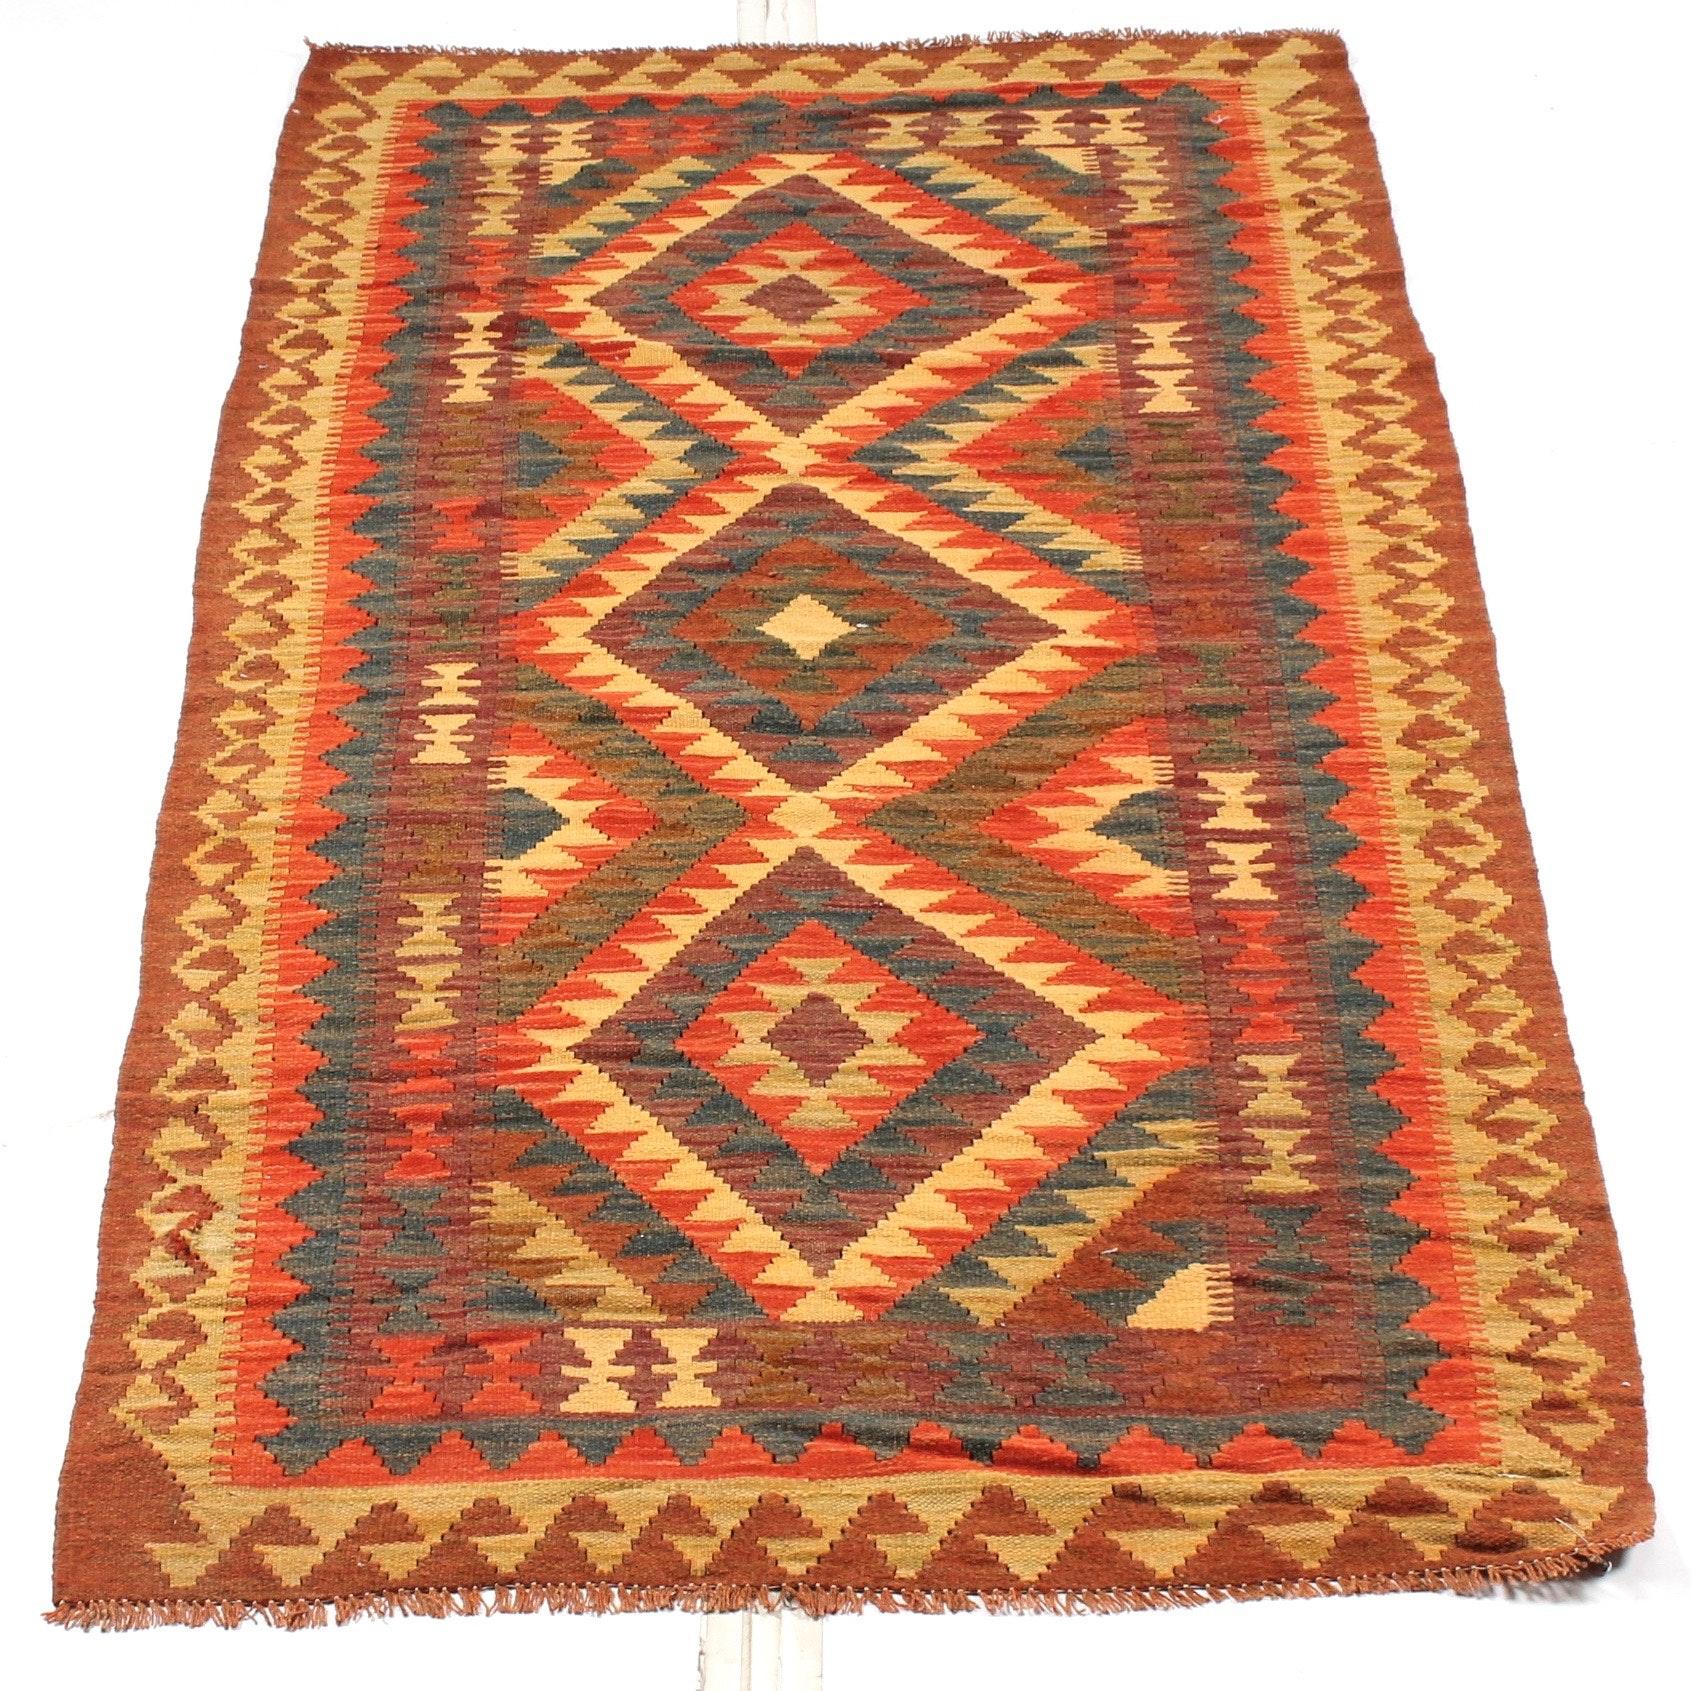 4' x 6' Handwoven Turkish Kilim Area Rug